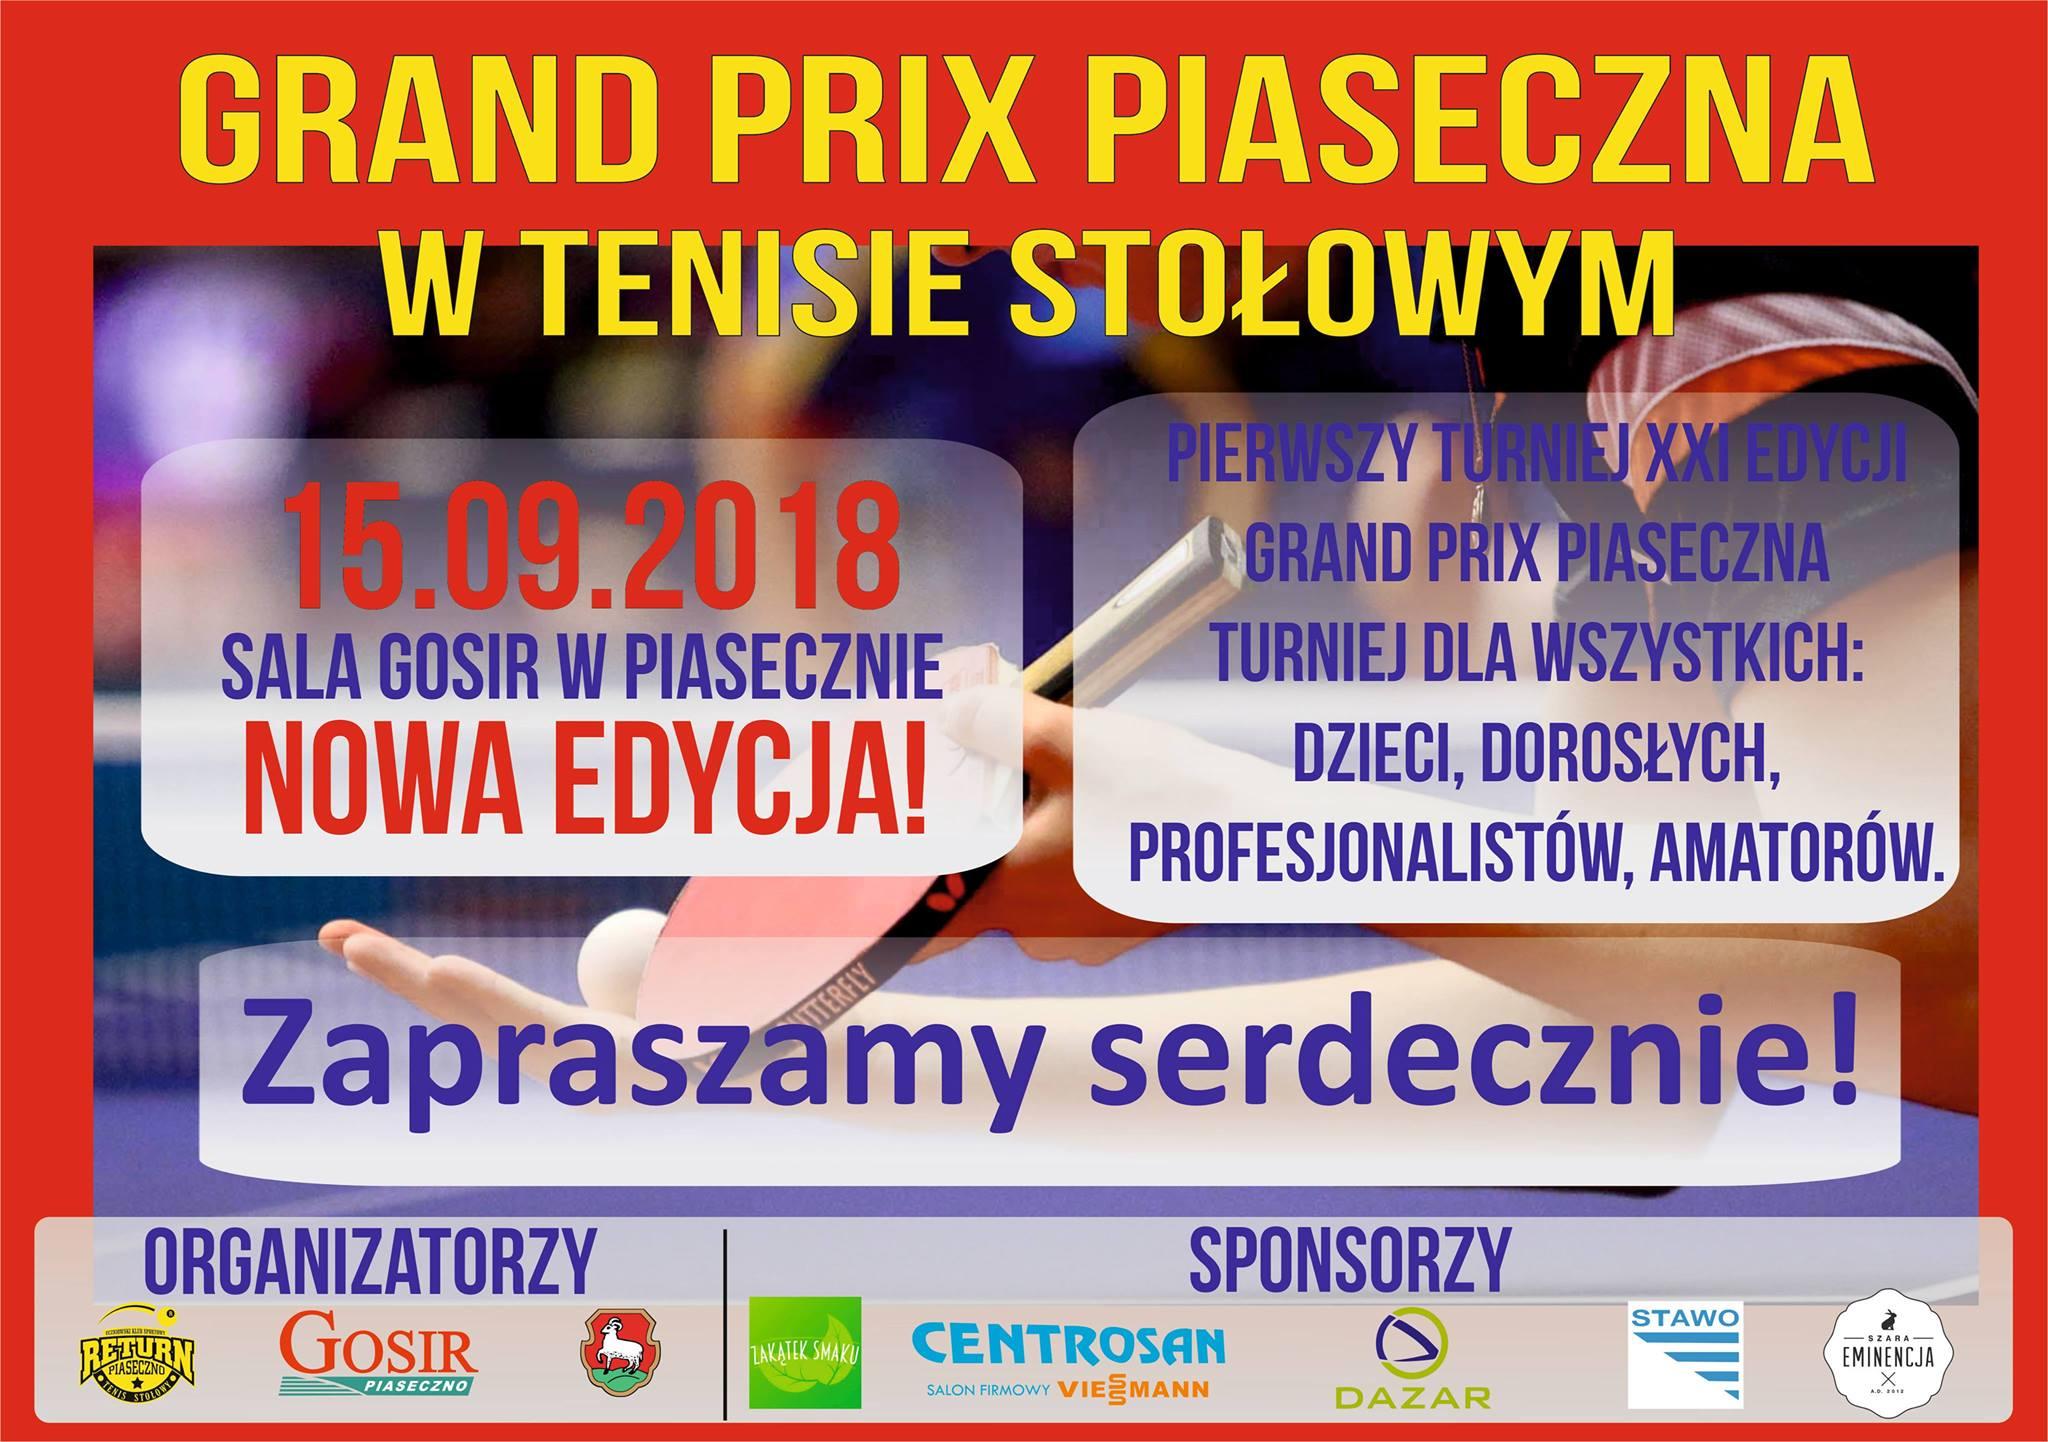 Plakat turnieju I Grand Prix Piaseczna w tenisie stołowym XXI edycji